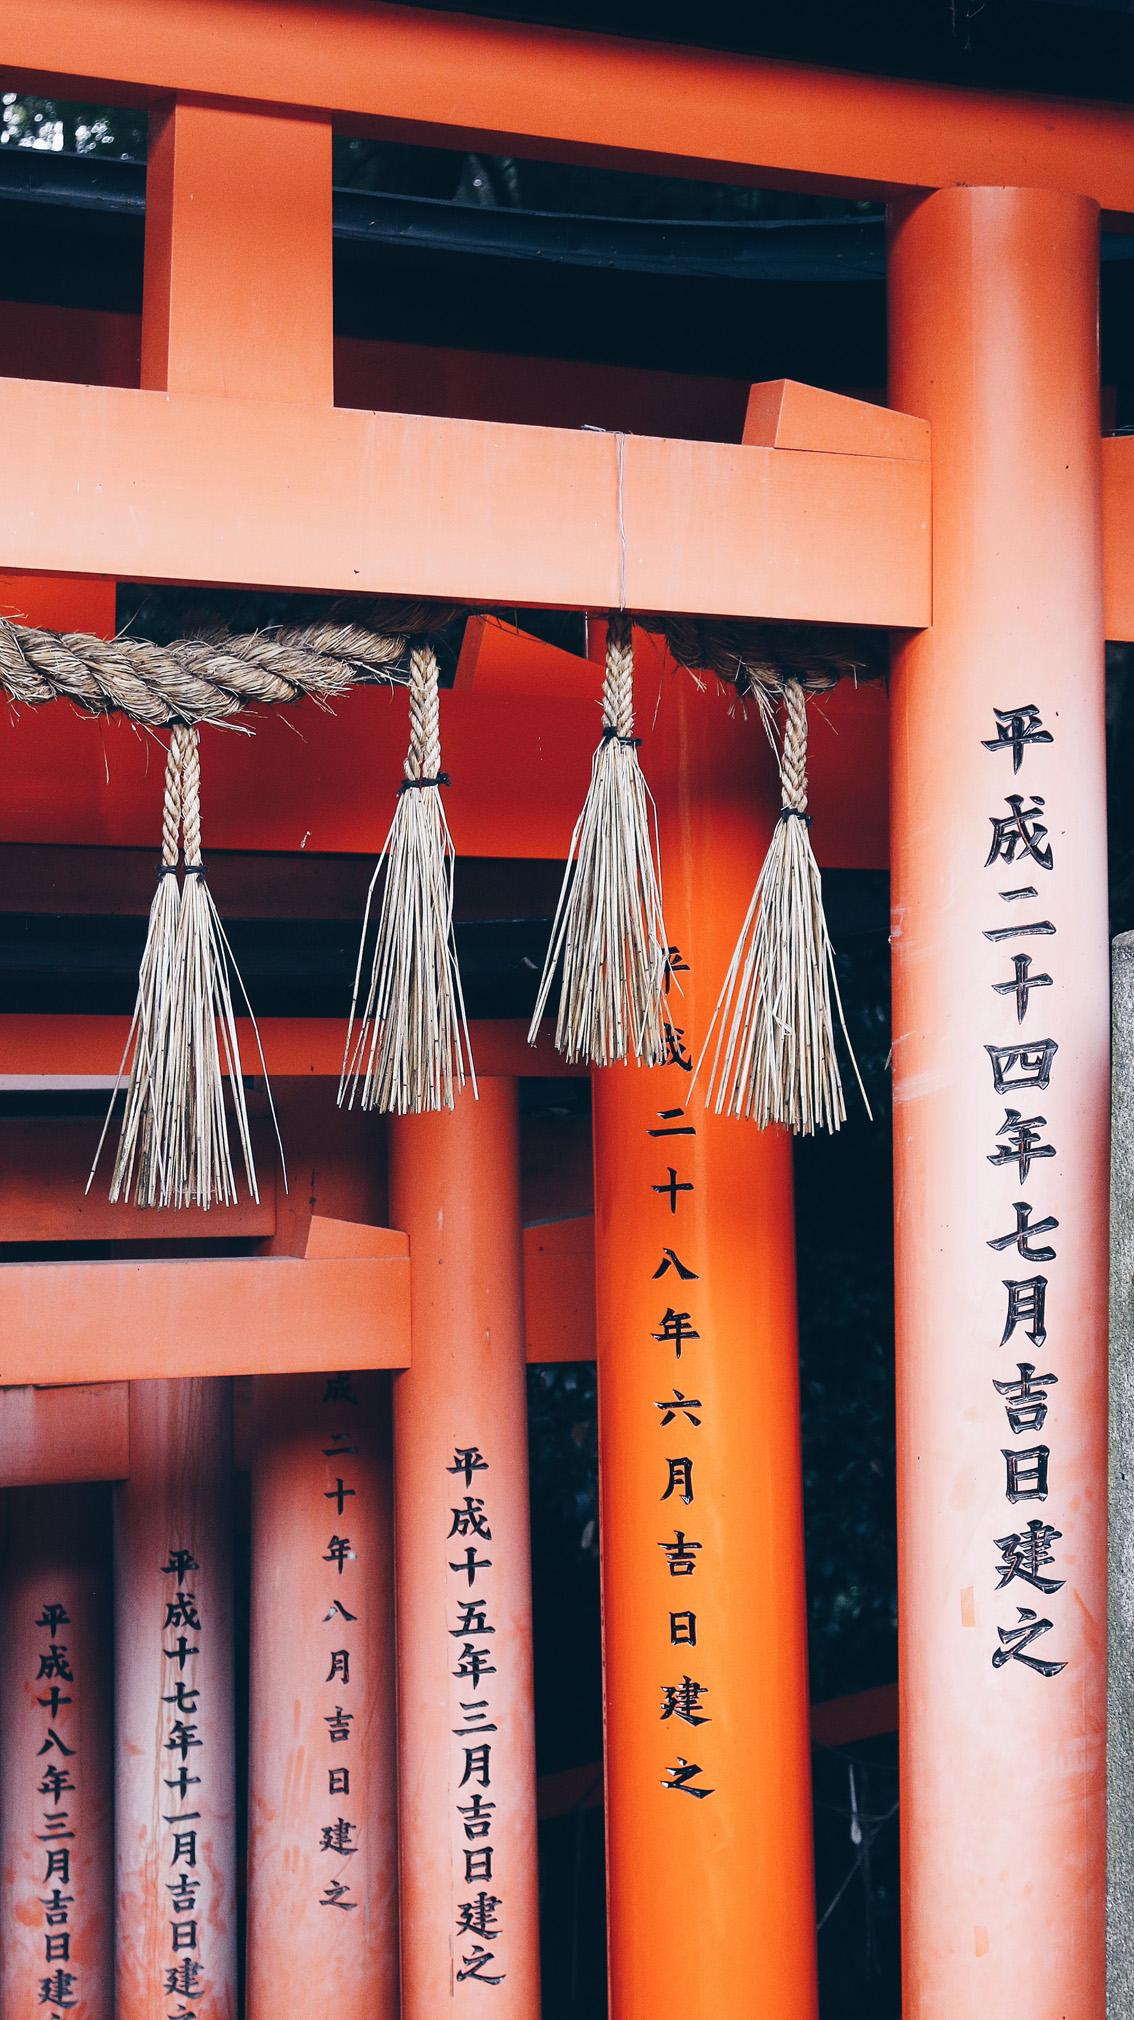 35 #Giappotour with Blueberry Travel day 2: Fushimi Inari & Nara.